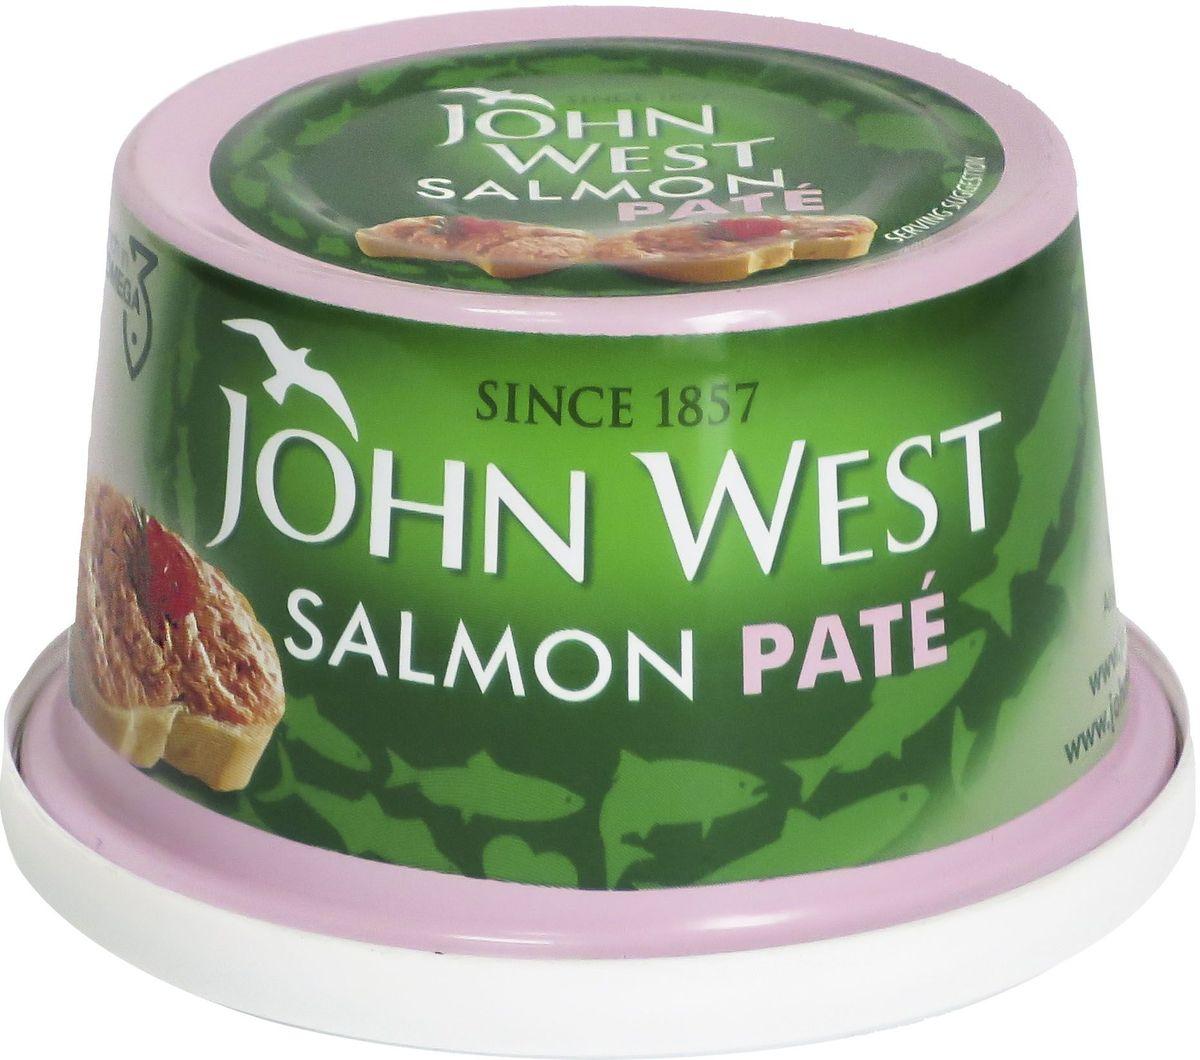 John West паштет из лосося, 125 г64806Паштет из лосося с добавлением специй отличается деликатным вкусом.